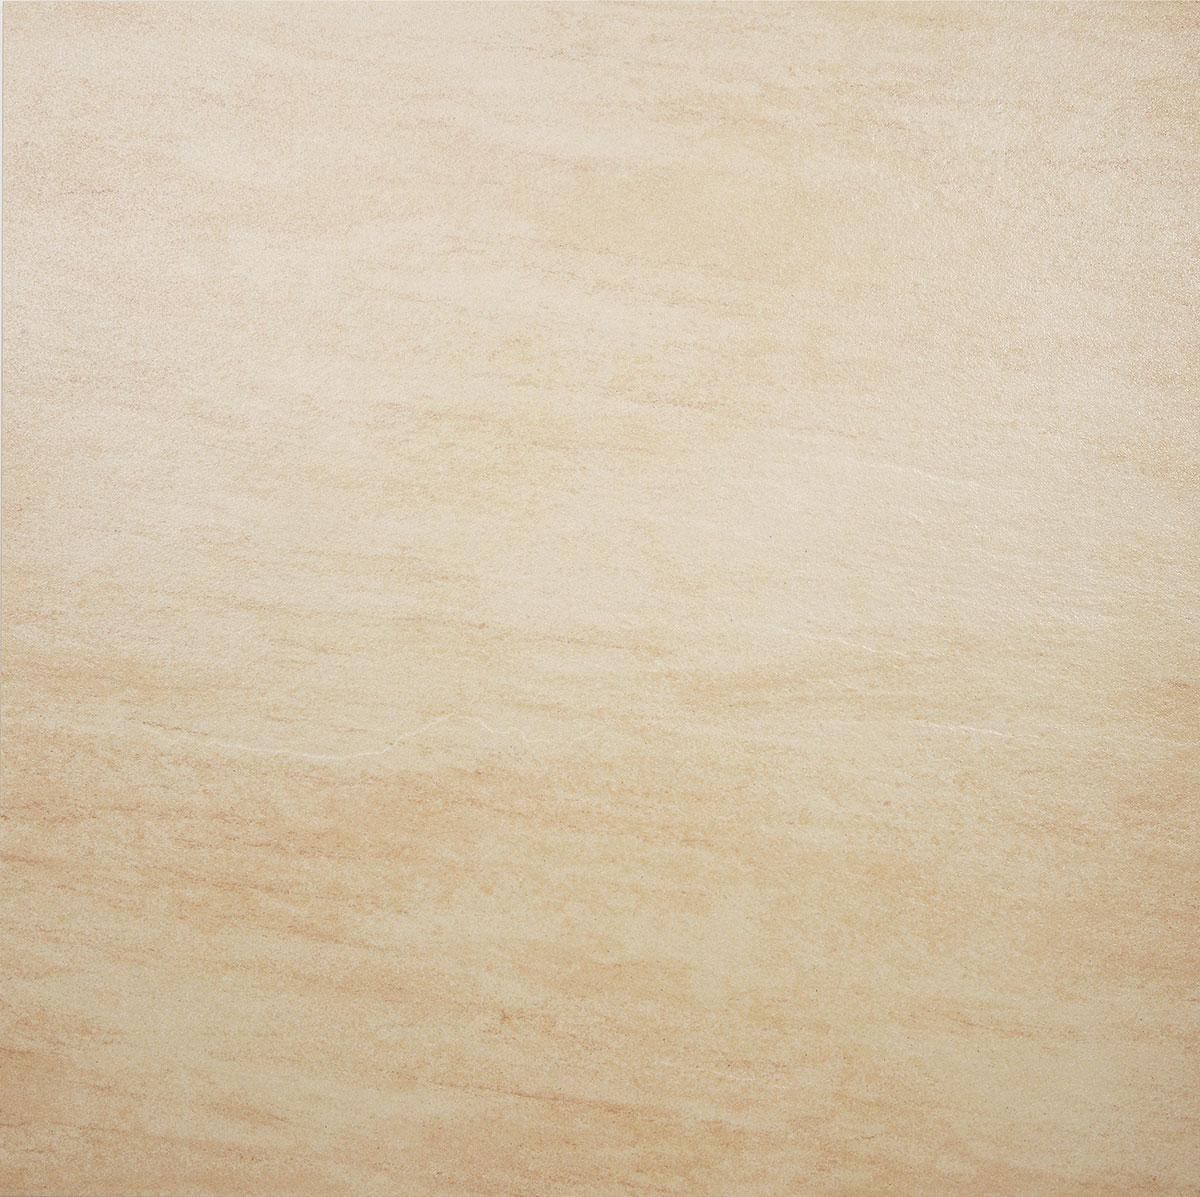 QUARZIT beige Image